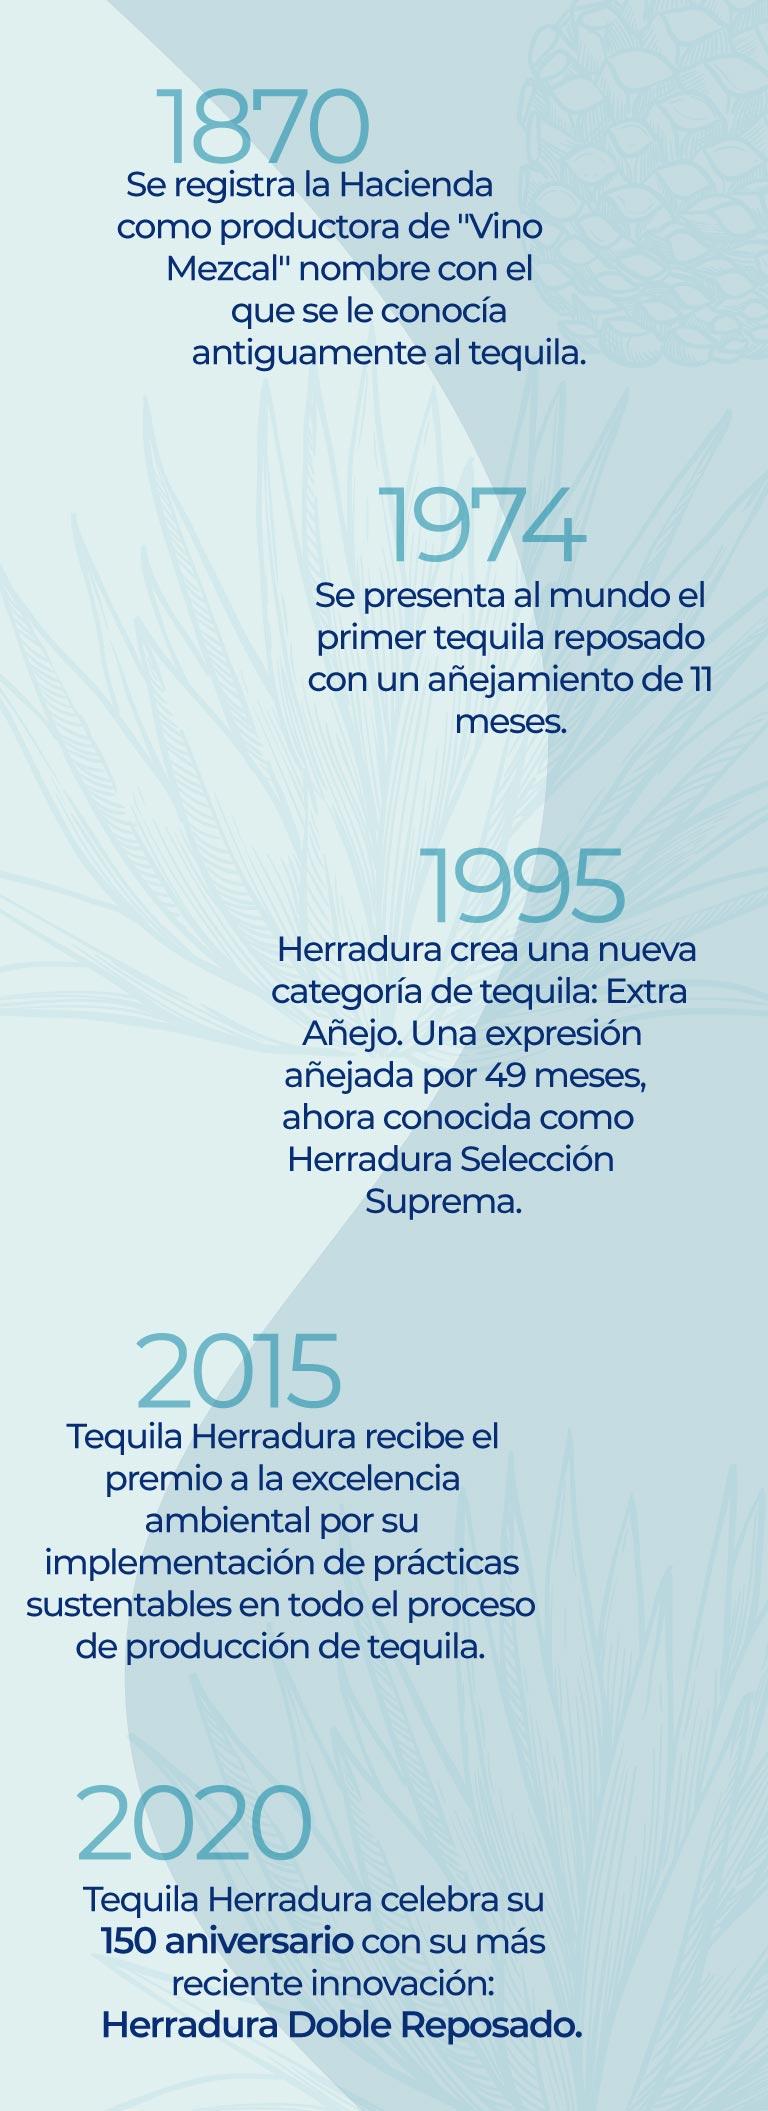 2020 Tequila Herradura celebra su 150 aniversario con su más reciente innovación: Herradura Doble Reposado.